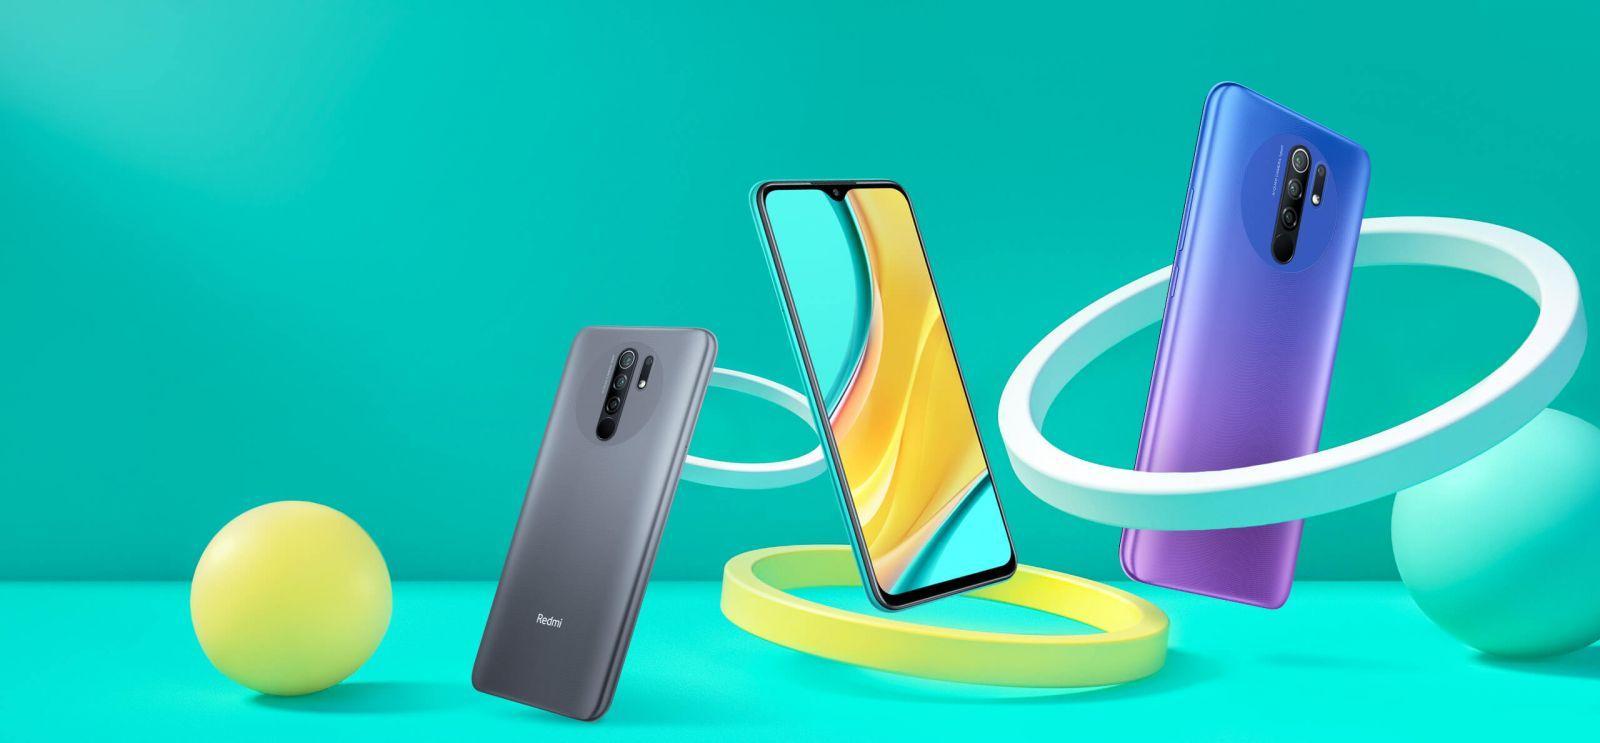 Xiaomi показала в России смартфон Redmi 9